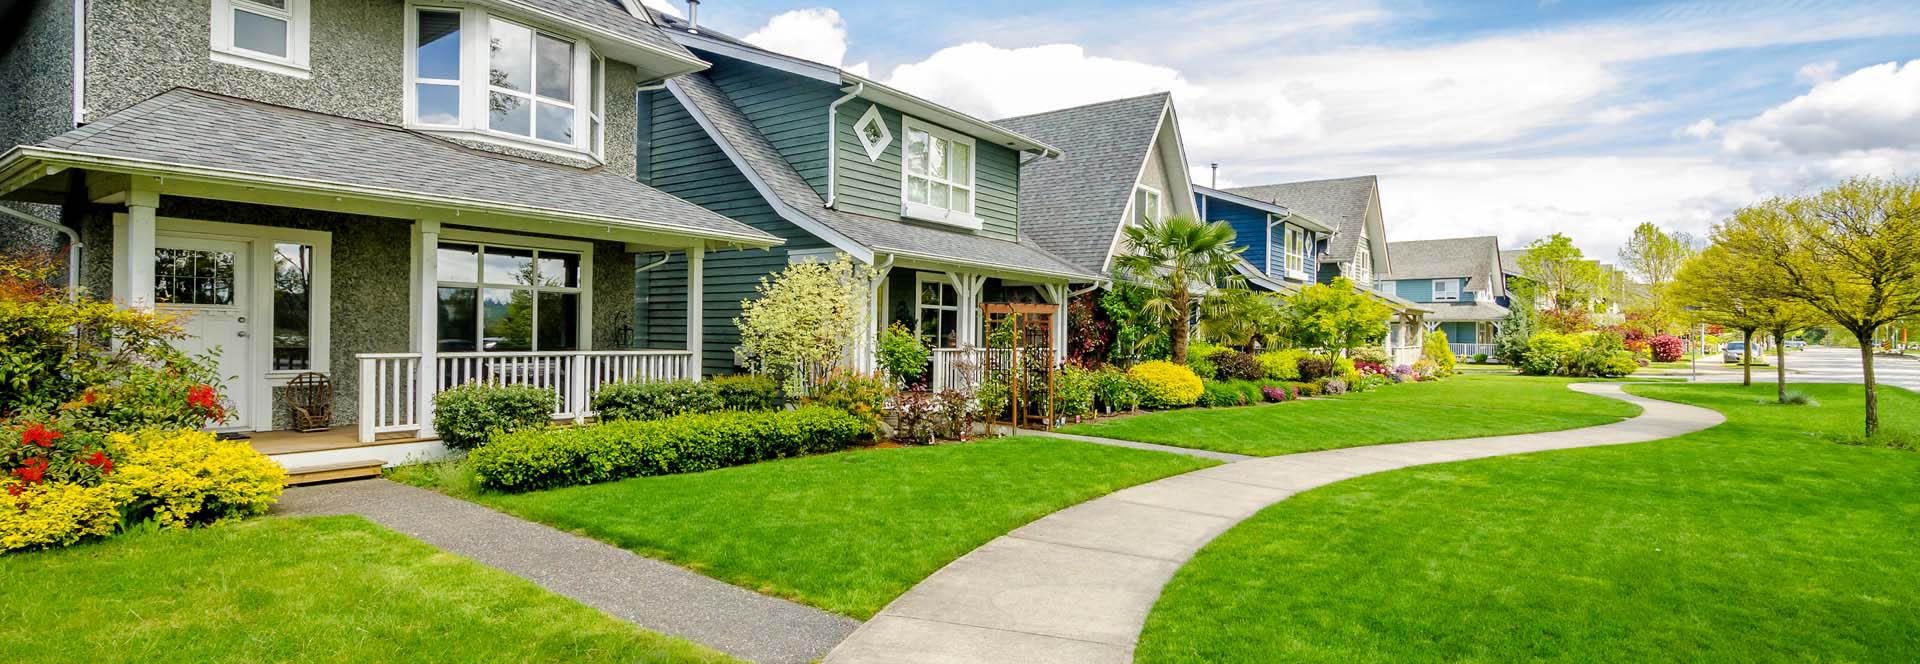 row of houses in Sacramento California